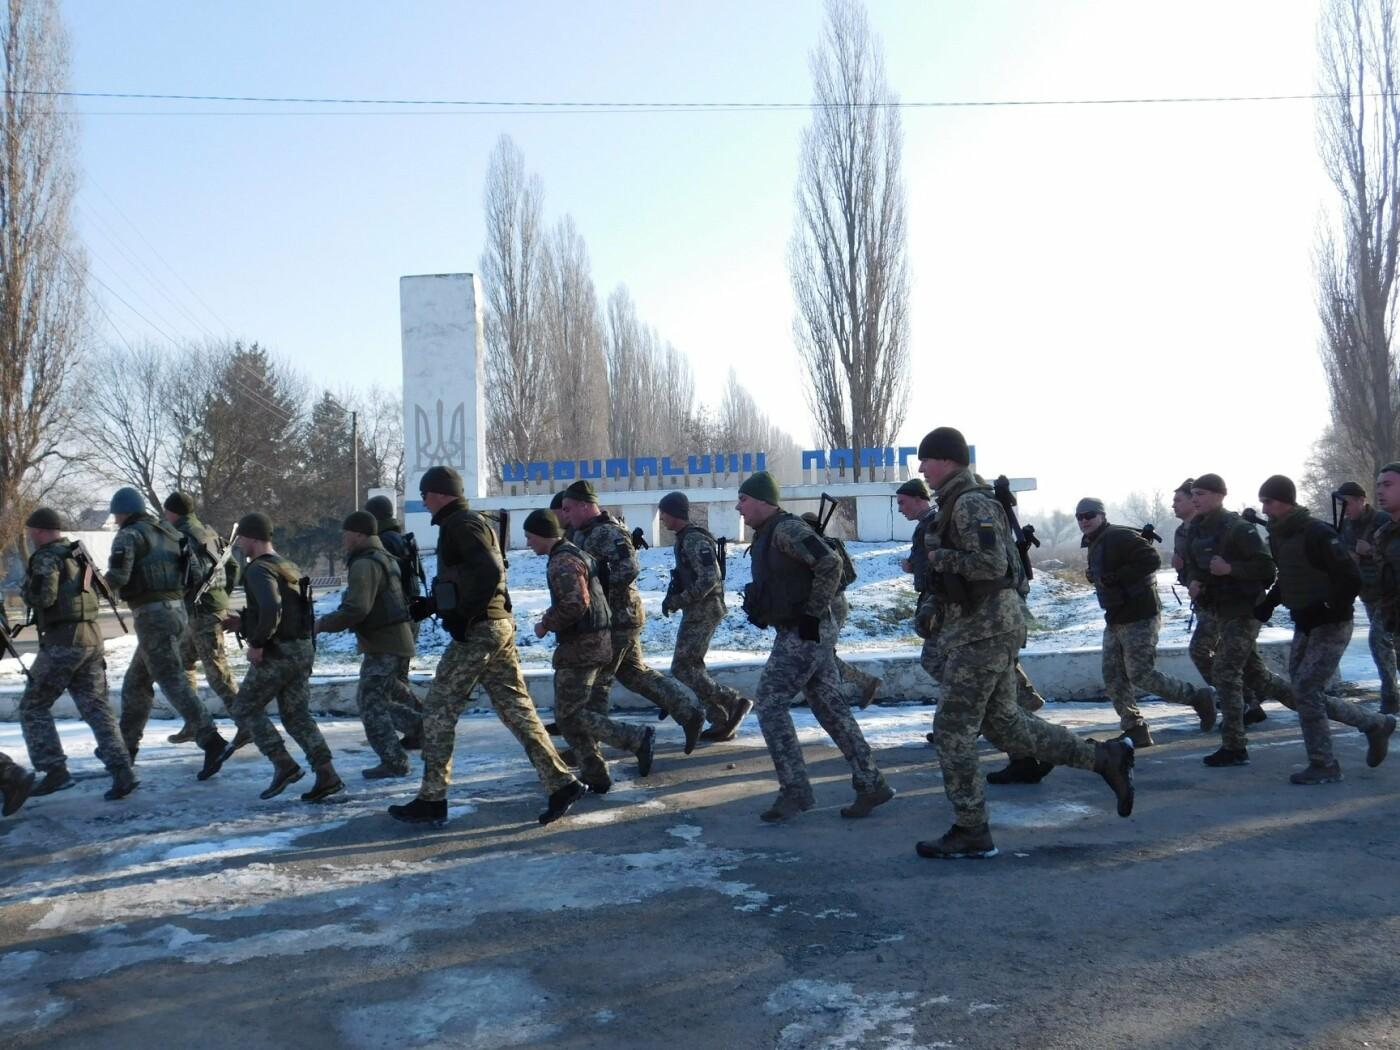 У Кам'янці відбувся 5-кілометровий марш-кидок зі штатною зброєю з нагоди річниці ЗСУ, фото-6, Фото: Центр розмінування